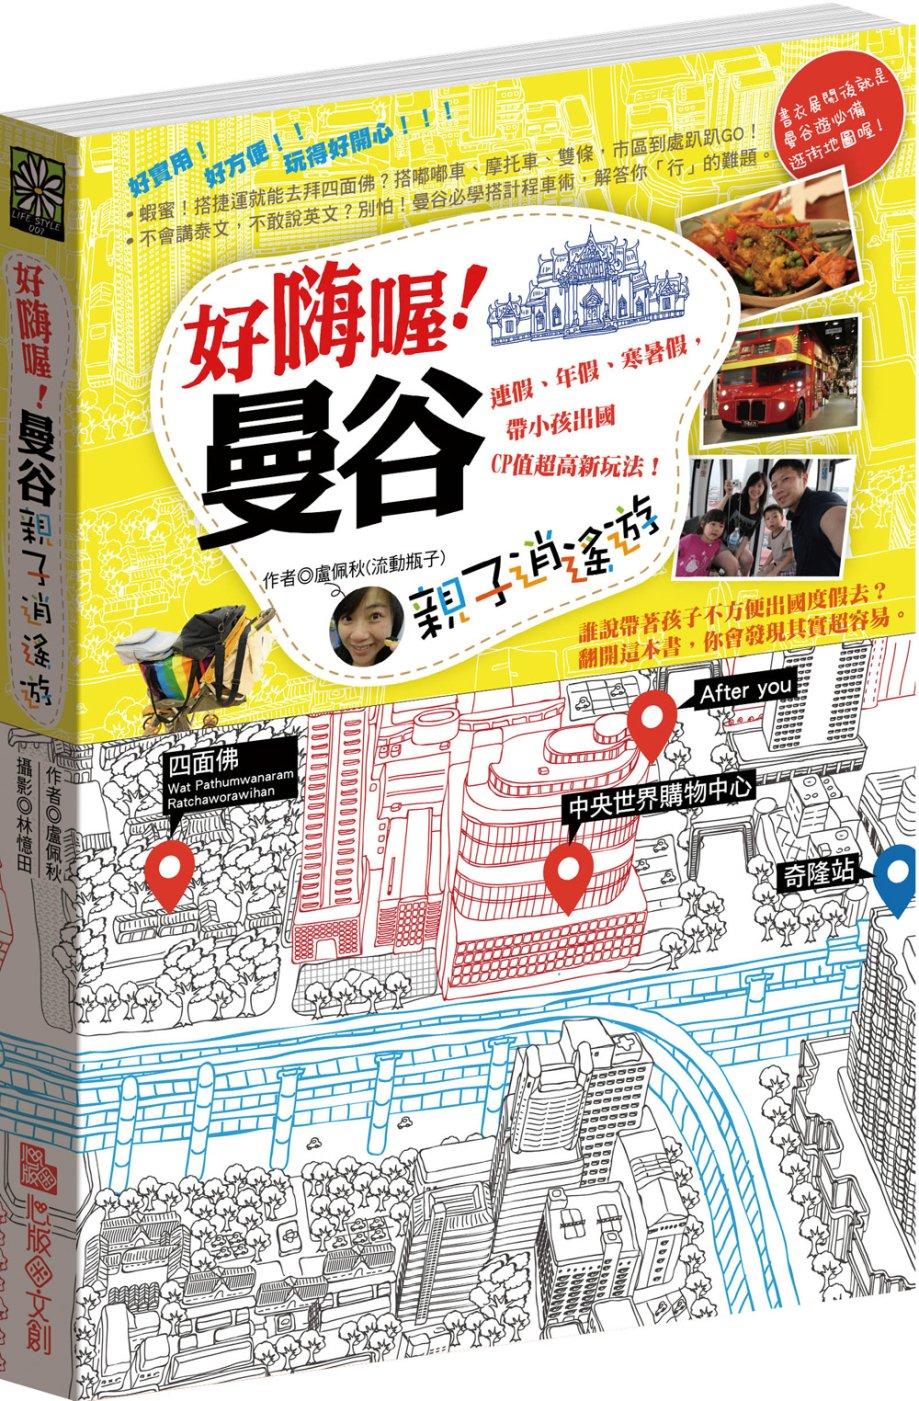 好嗨喔!曼谷親子逍遙遊:連假、年假、寒暑假,帶小孩出國CP值超高新玩法!